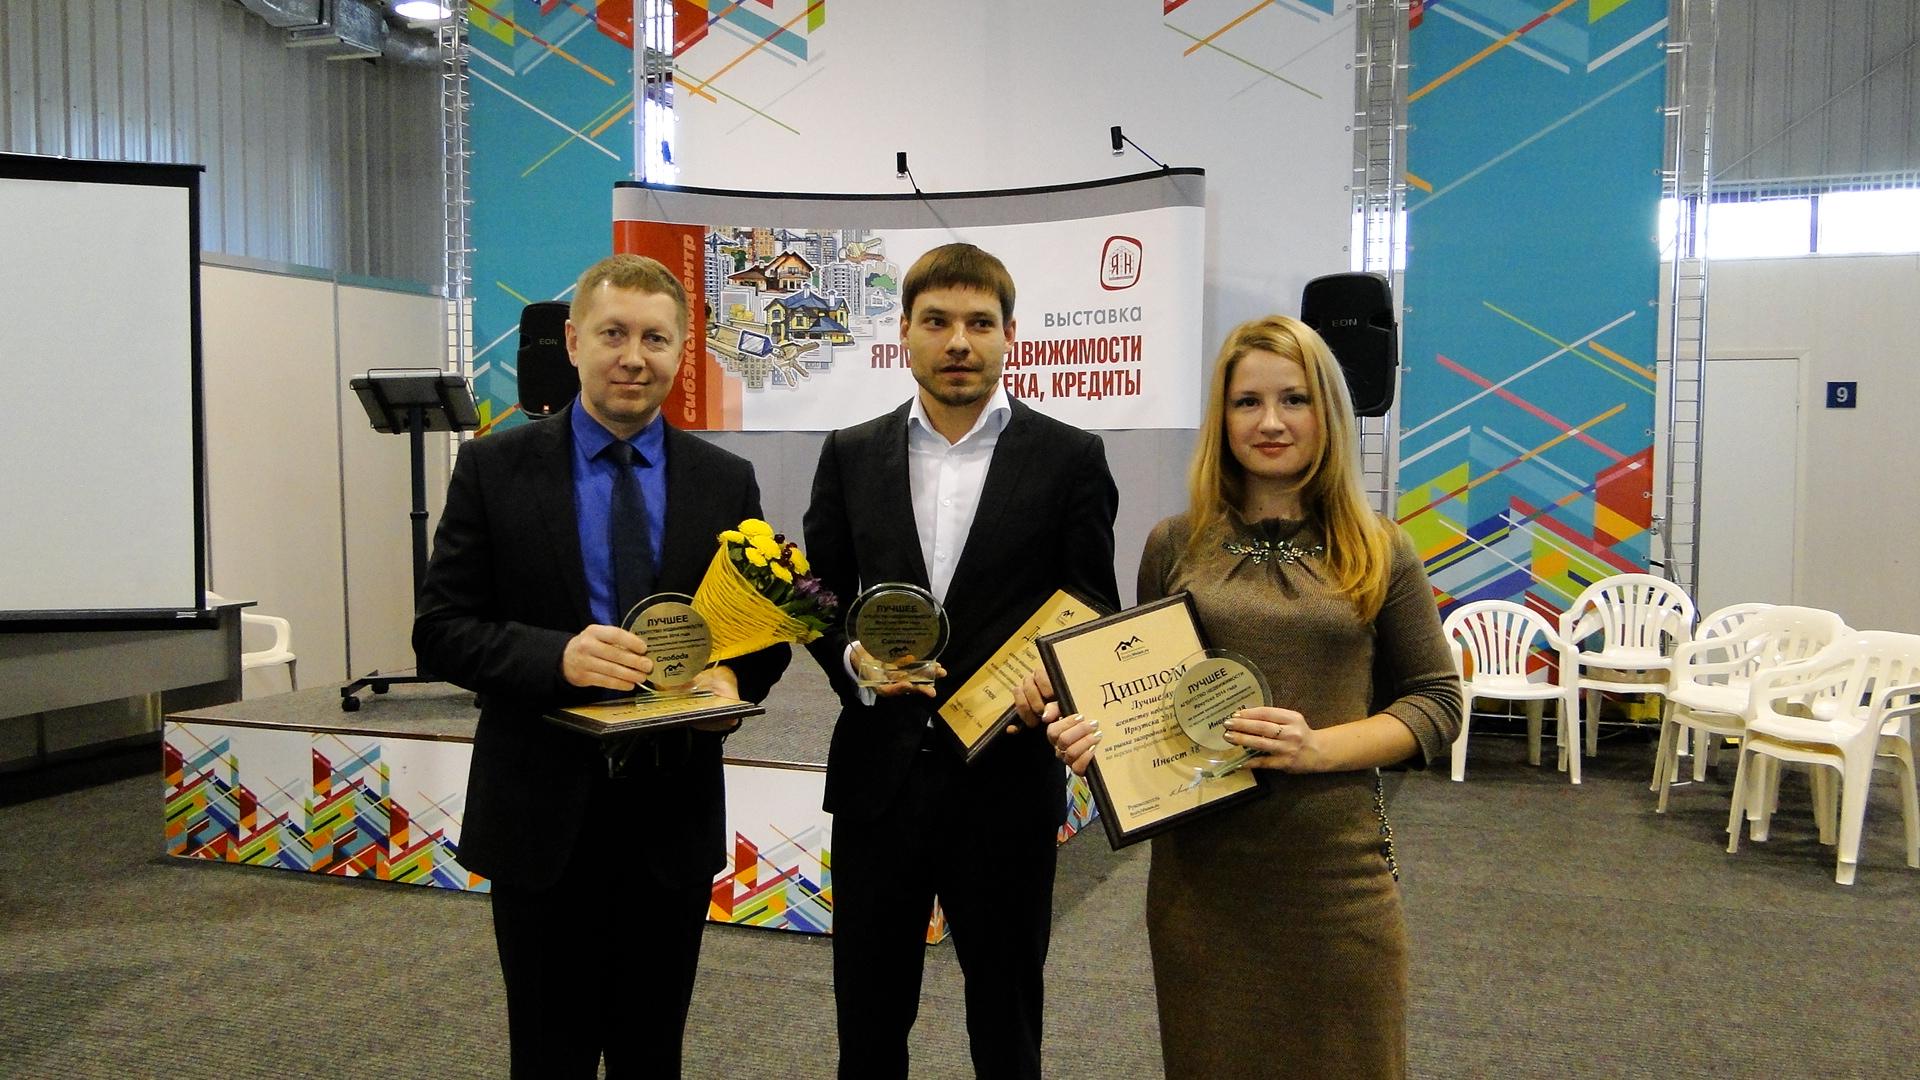 иркутск лучшие кредиты занимают очень много места